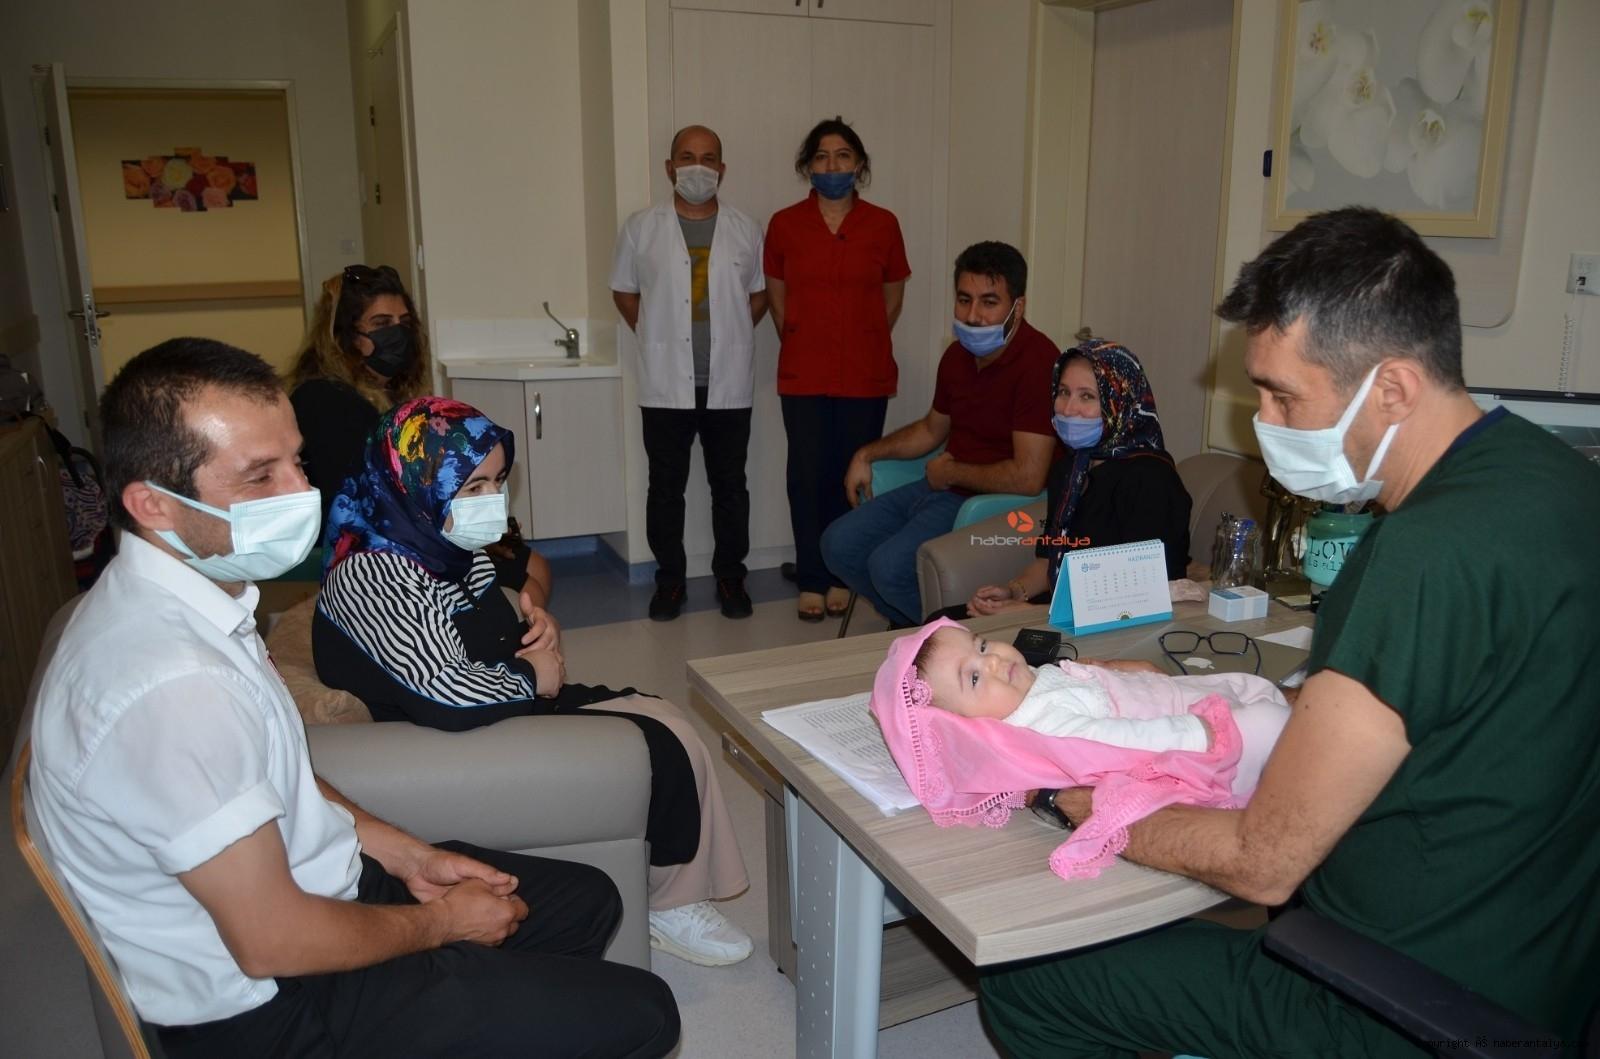 2021/06/asilama-yoluyla-bebek-sahibi-olanlar-tedavi-gordukleri-hastanede-doktorlarla-bir-araya-geldi-20210622AW35-2.jpg